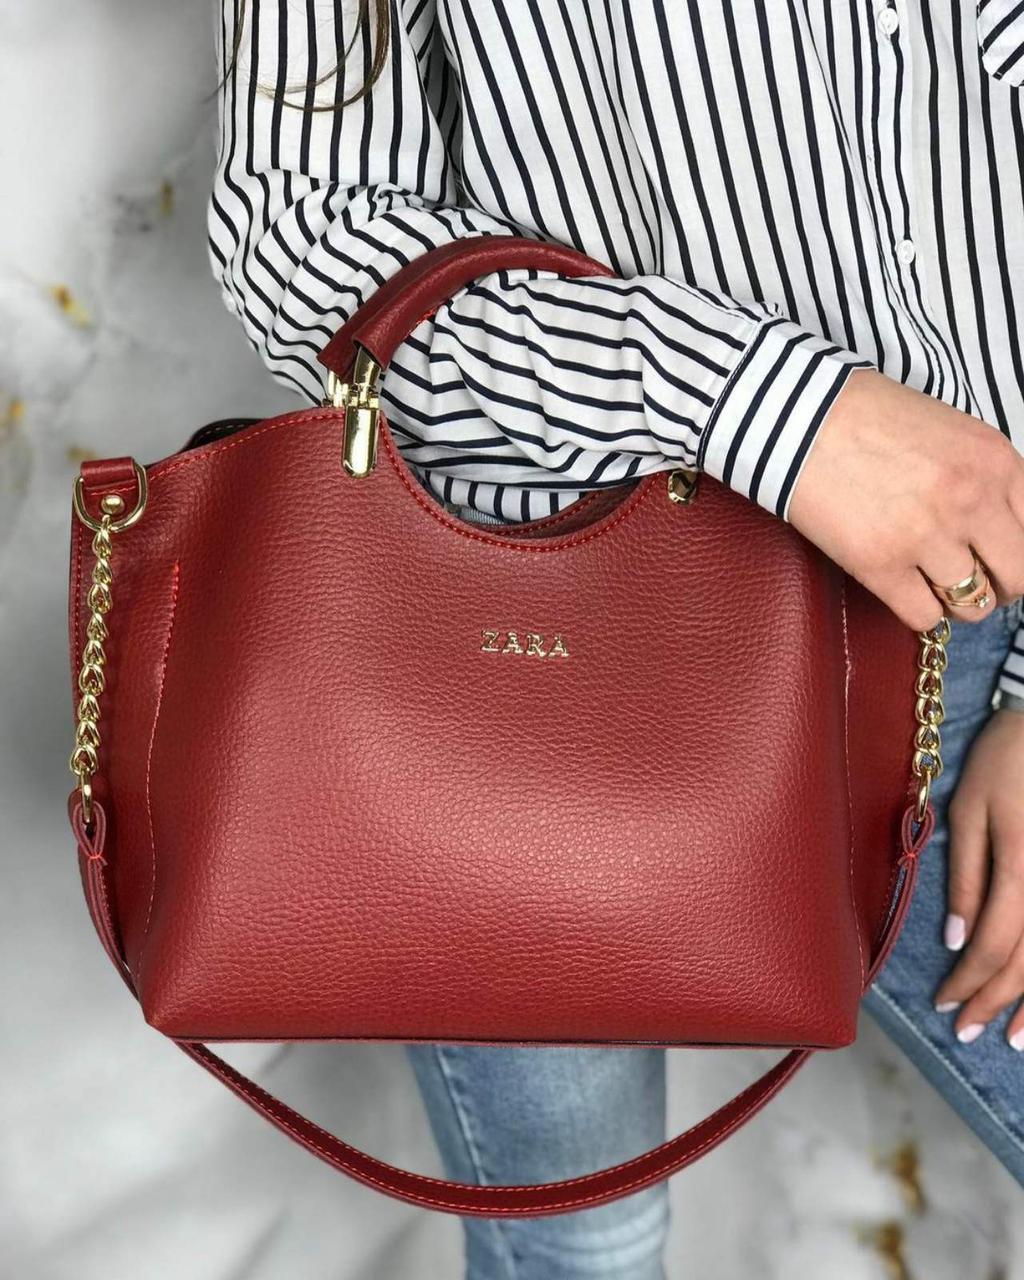 Сумка красная женская небольшая седняя модная на плечо шоппер кожзам